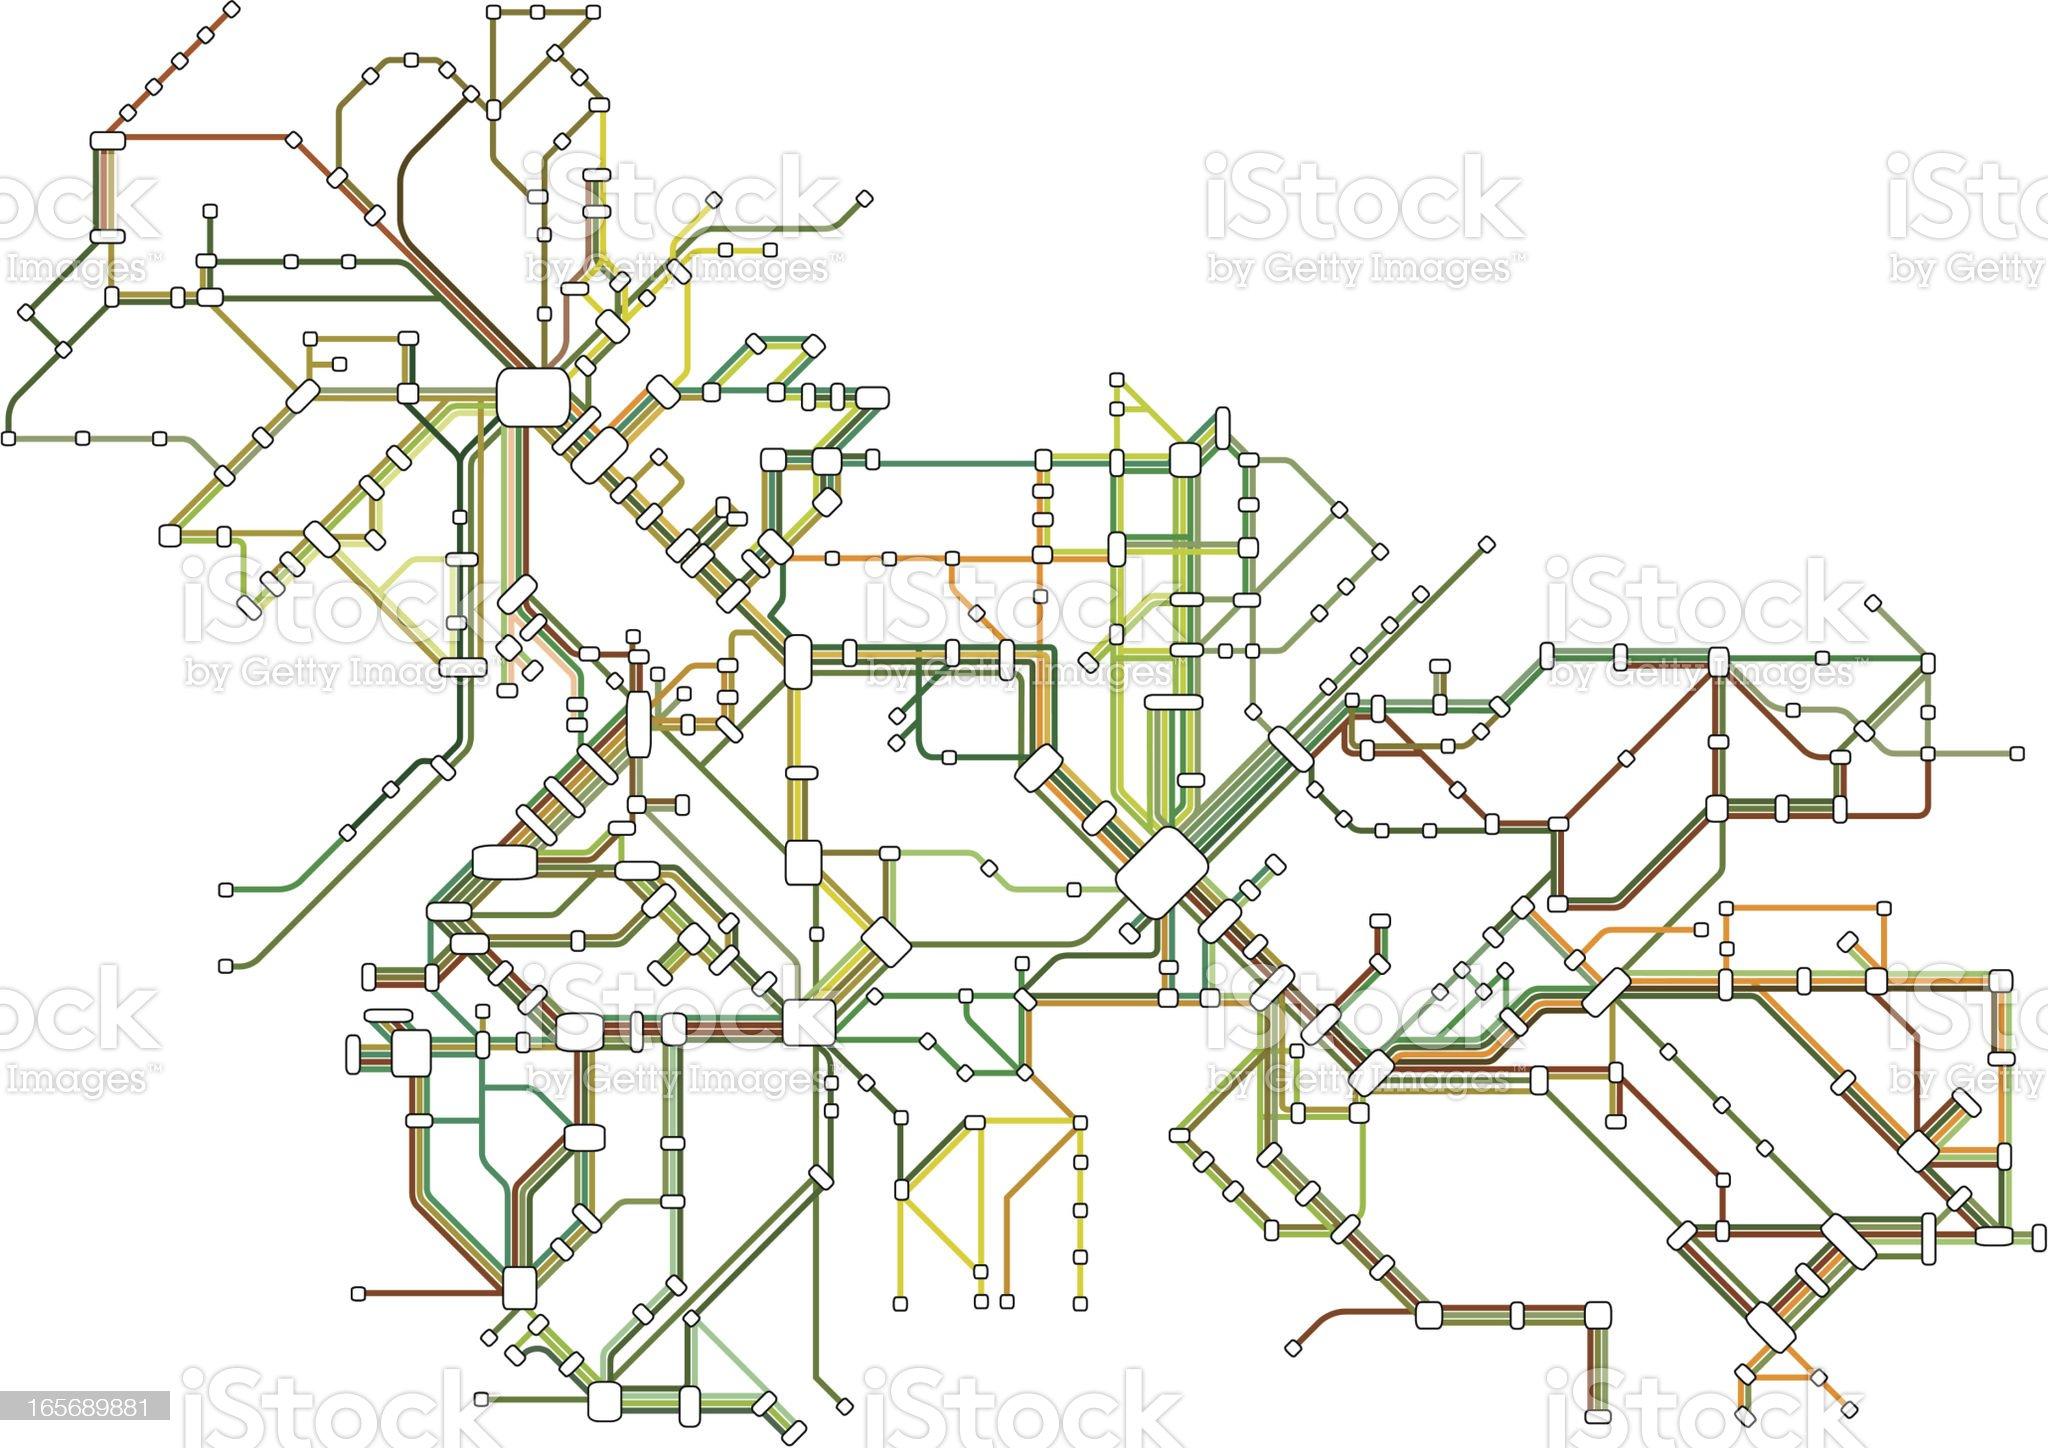 Subway Map royalty-free stock vector art